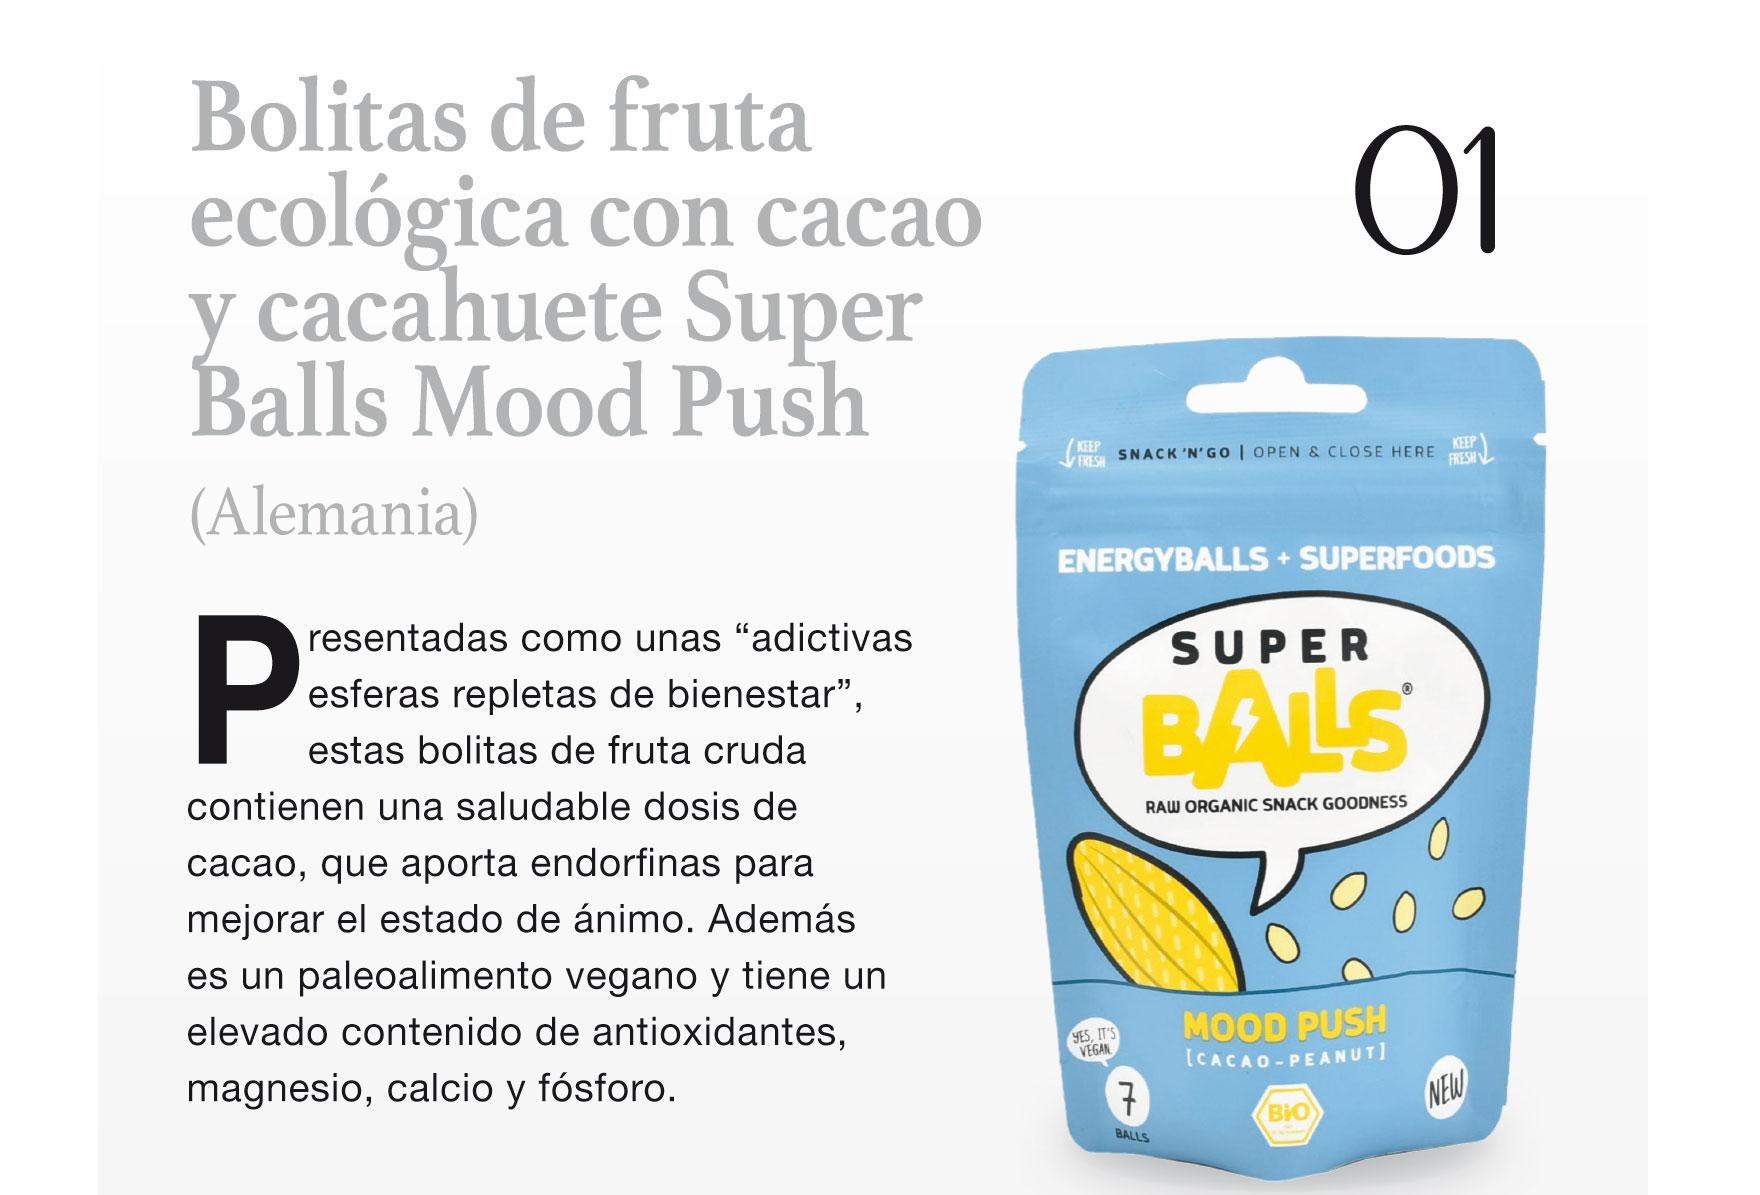 Bolitas de fruta ecológica con cacao y cacahuete Super Balls Mood Push (Alemania)